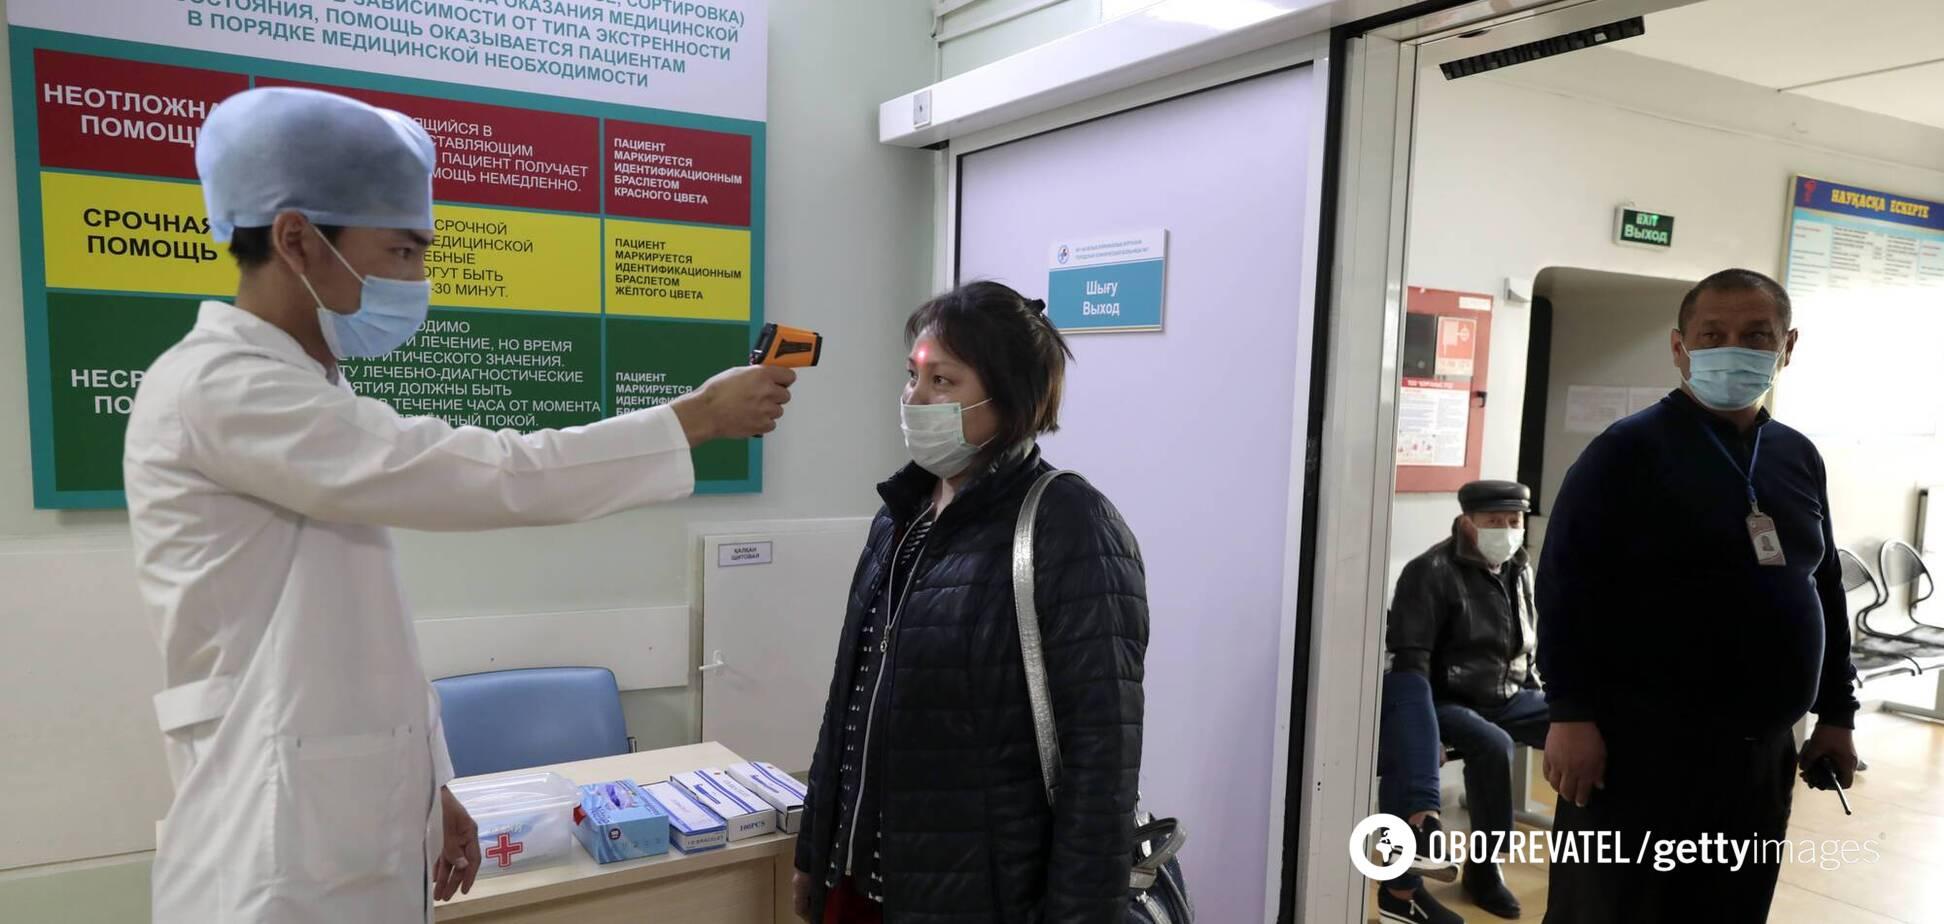 Казахстан звинуватив Китай в поширенні фейків